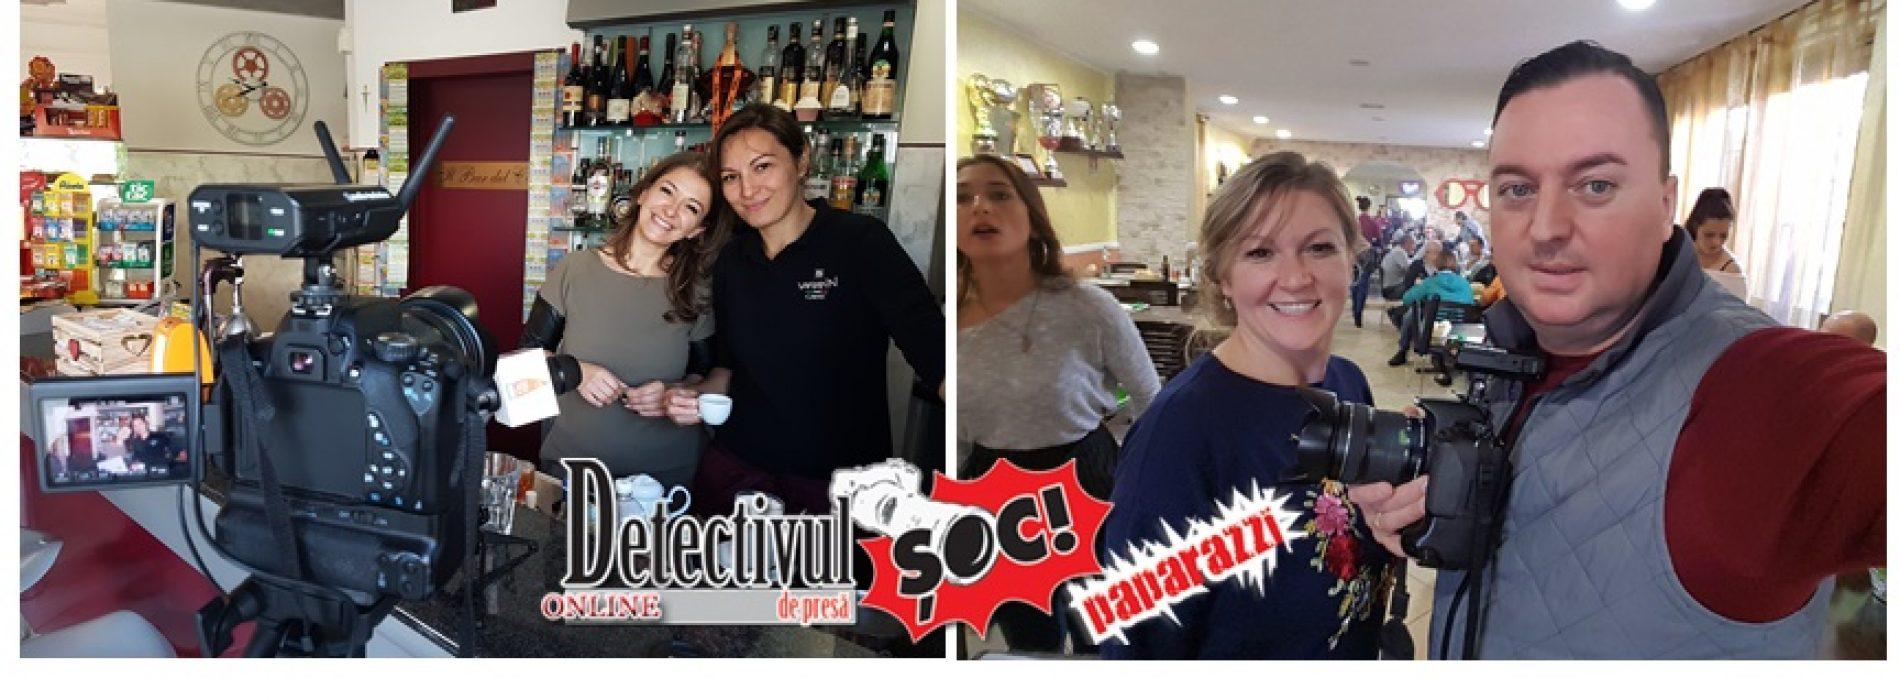 MARAMUREȘENI, patroni de baruri și restaurante în ITALIA. ROMÂNIA din afara României (IV)